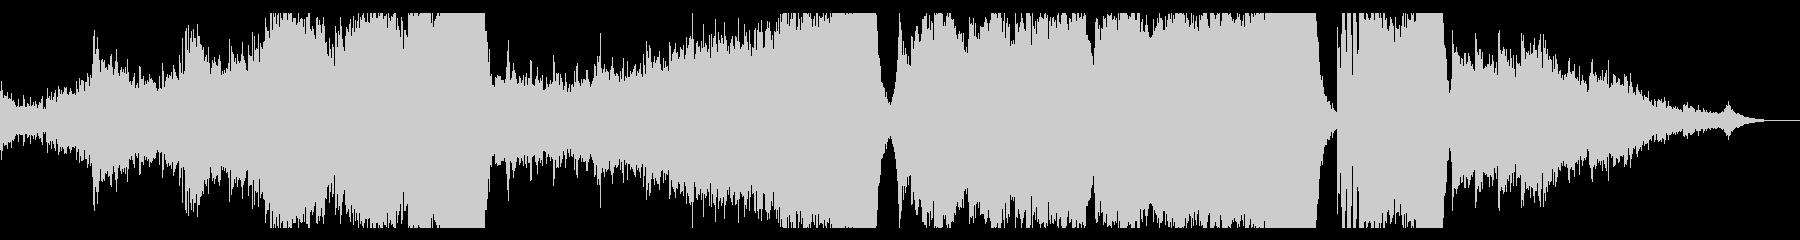 壮大なストレングスが物語を語るの未再生の波形